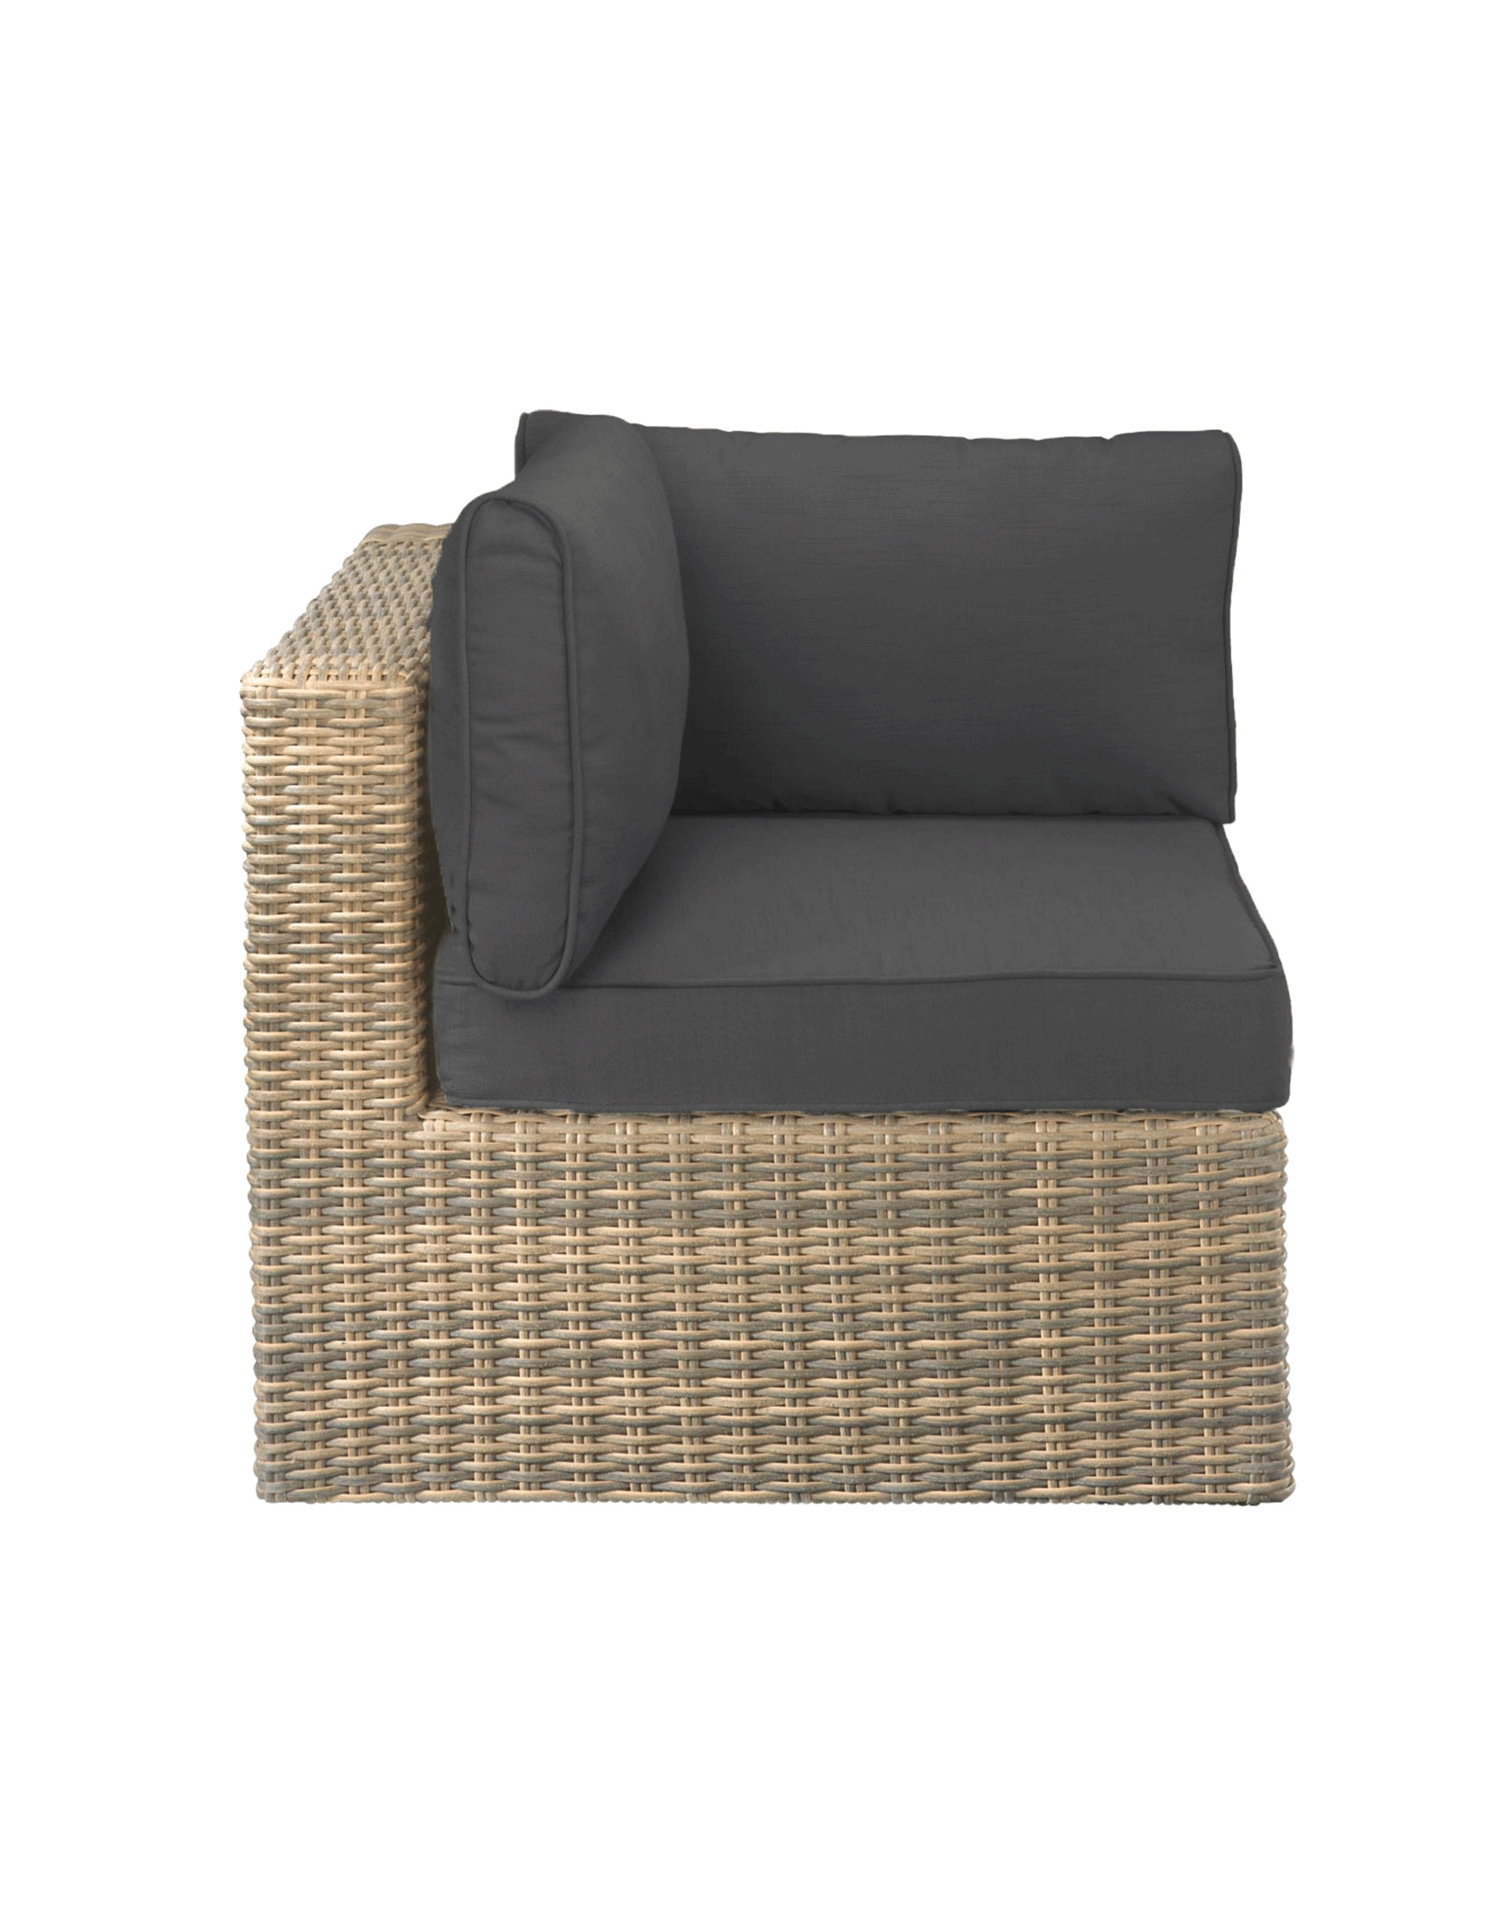 Balkonmobel Rattan Sofa : Element Wählen Sie eine Option EckElement MittelElement Sessel